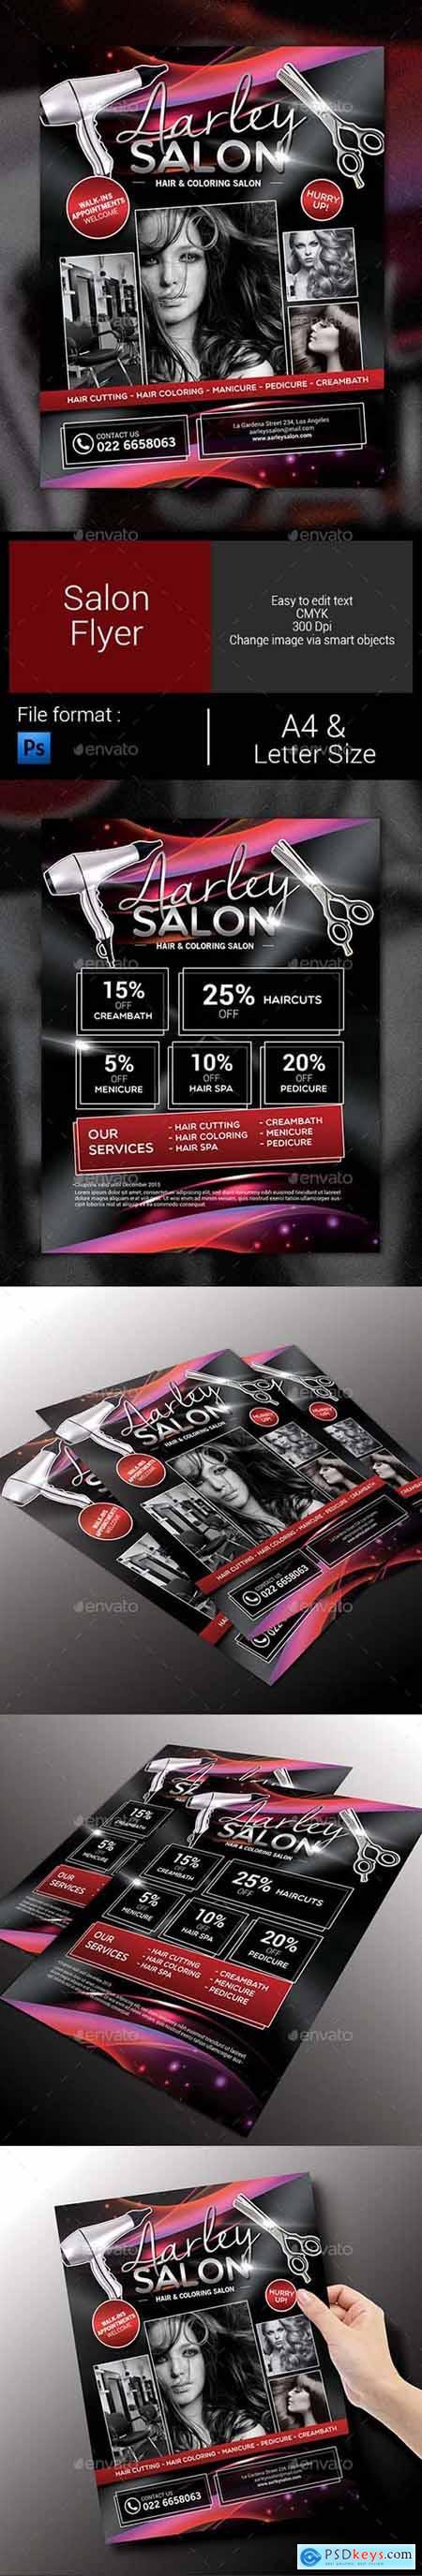 Salon Flyer 9706404